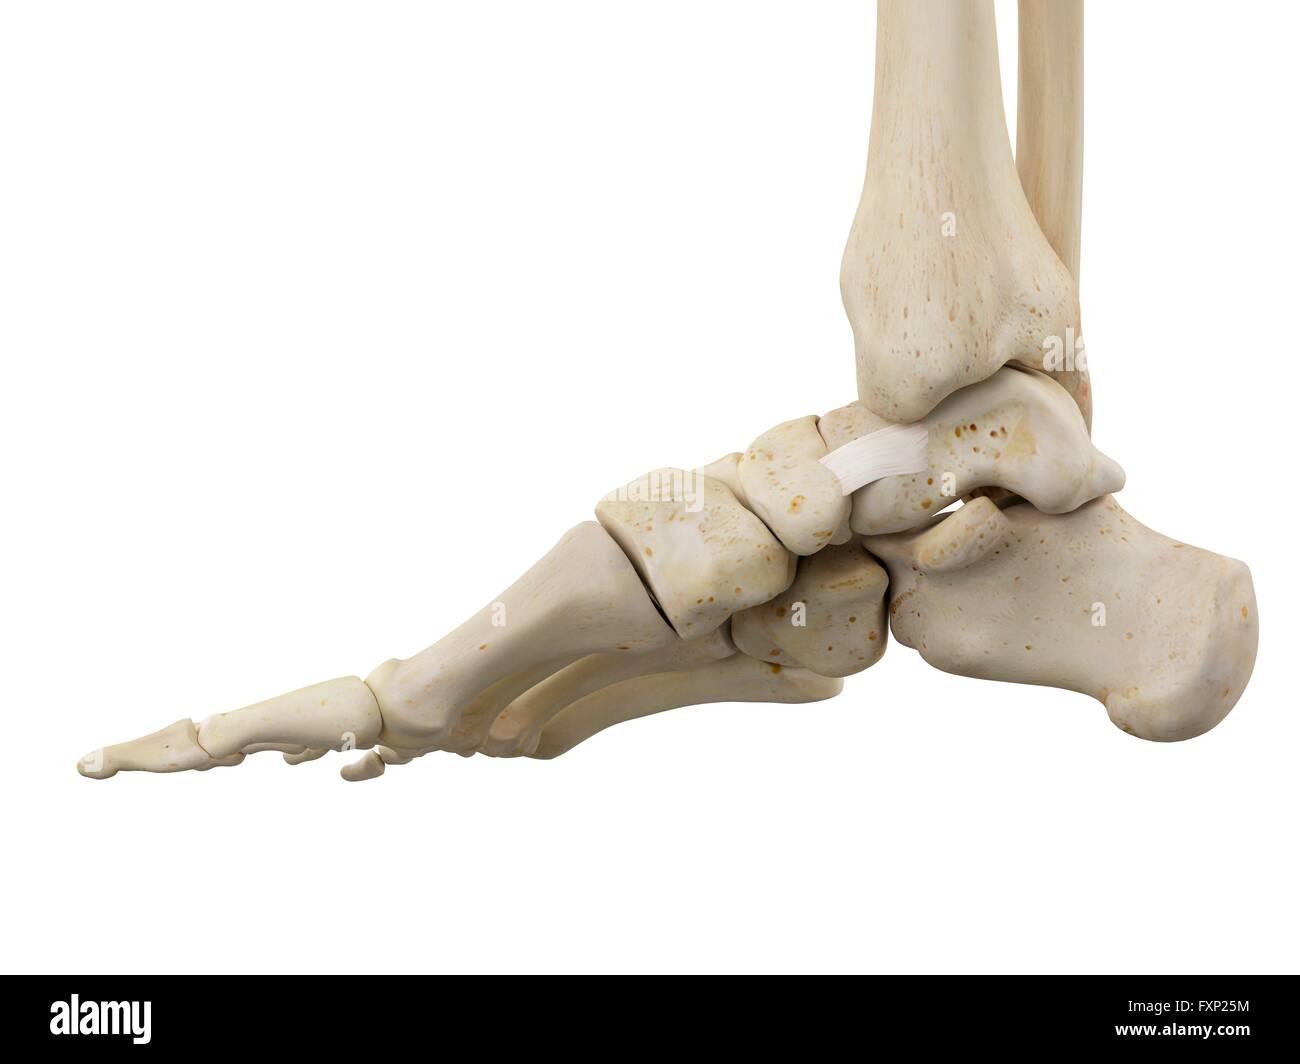 Niedlich Anatomie Des Beines Und Des Fußes Bilder - Anatomie Ideen ...